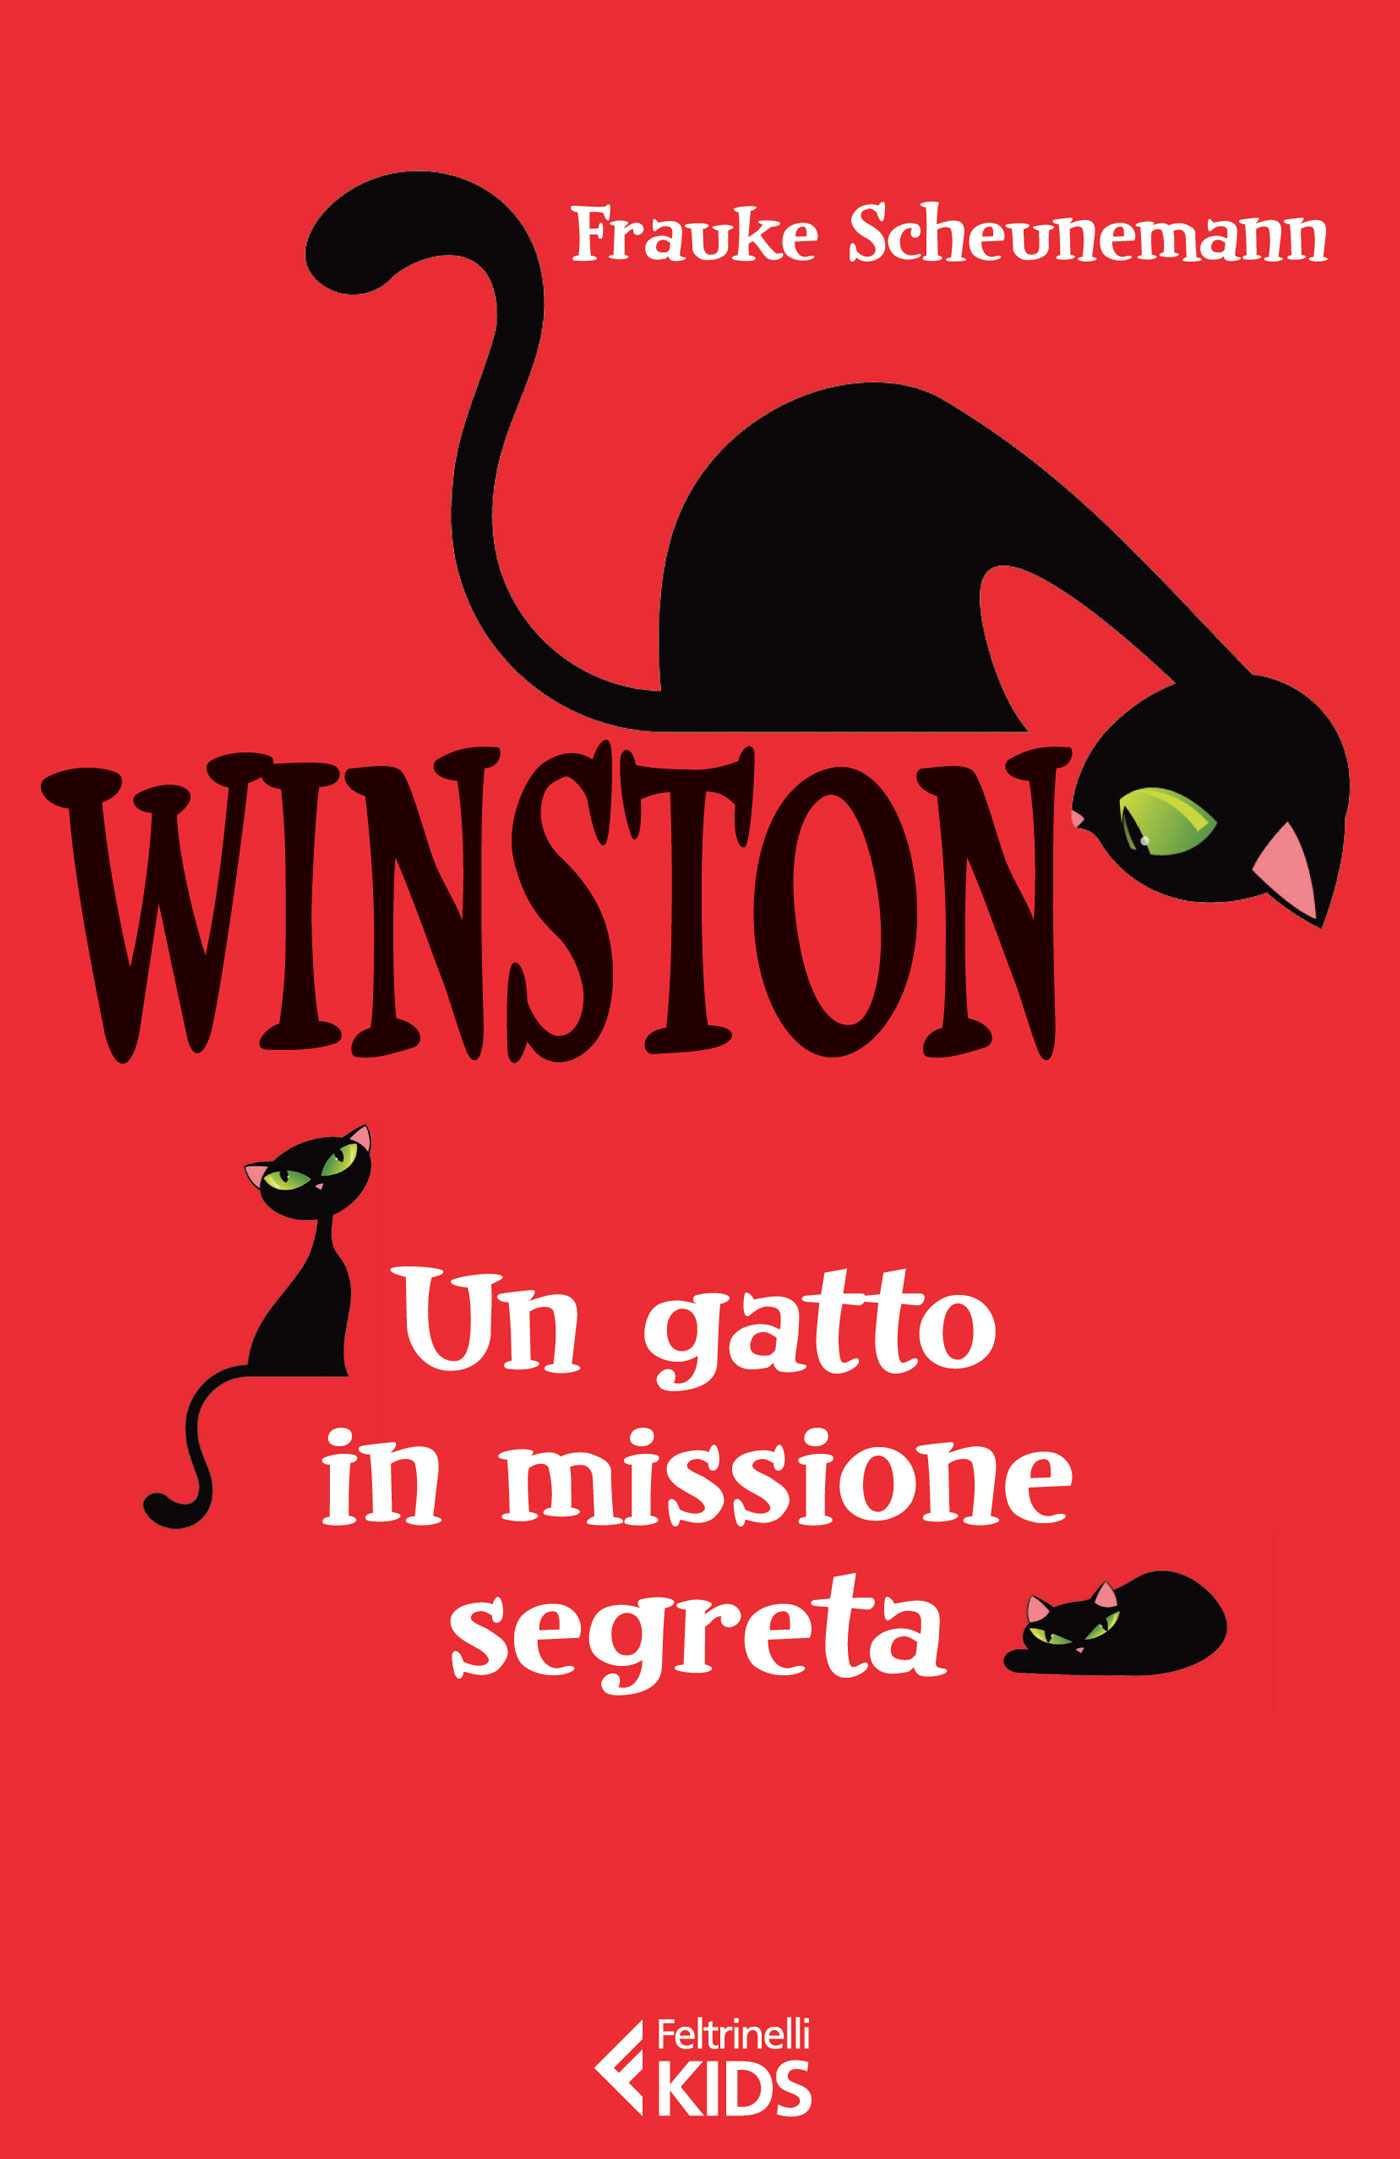 Winston, un gatto in missione segreta di Frauke Scheunemann